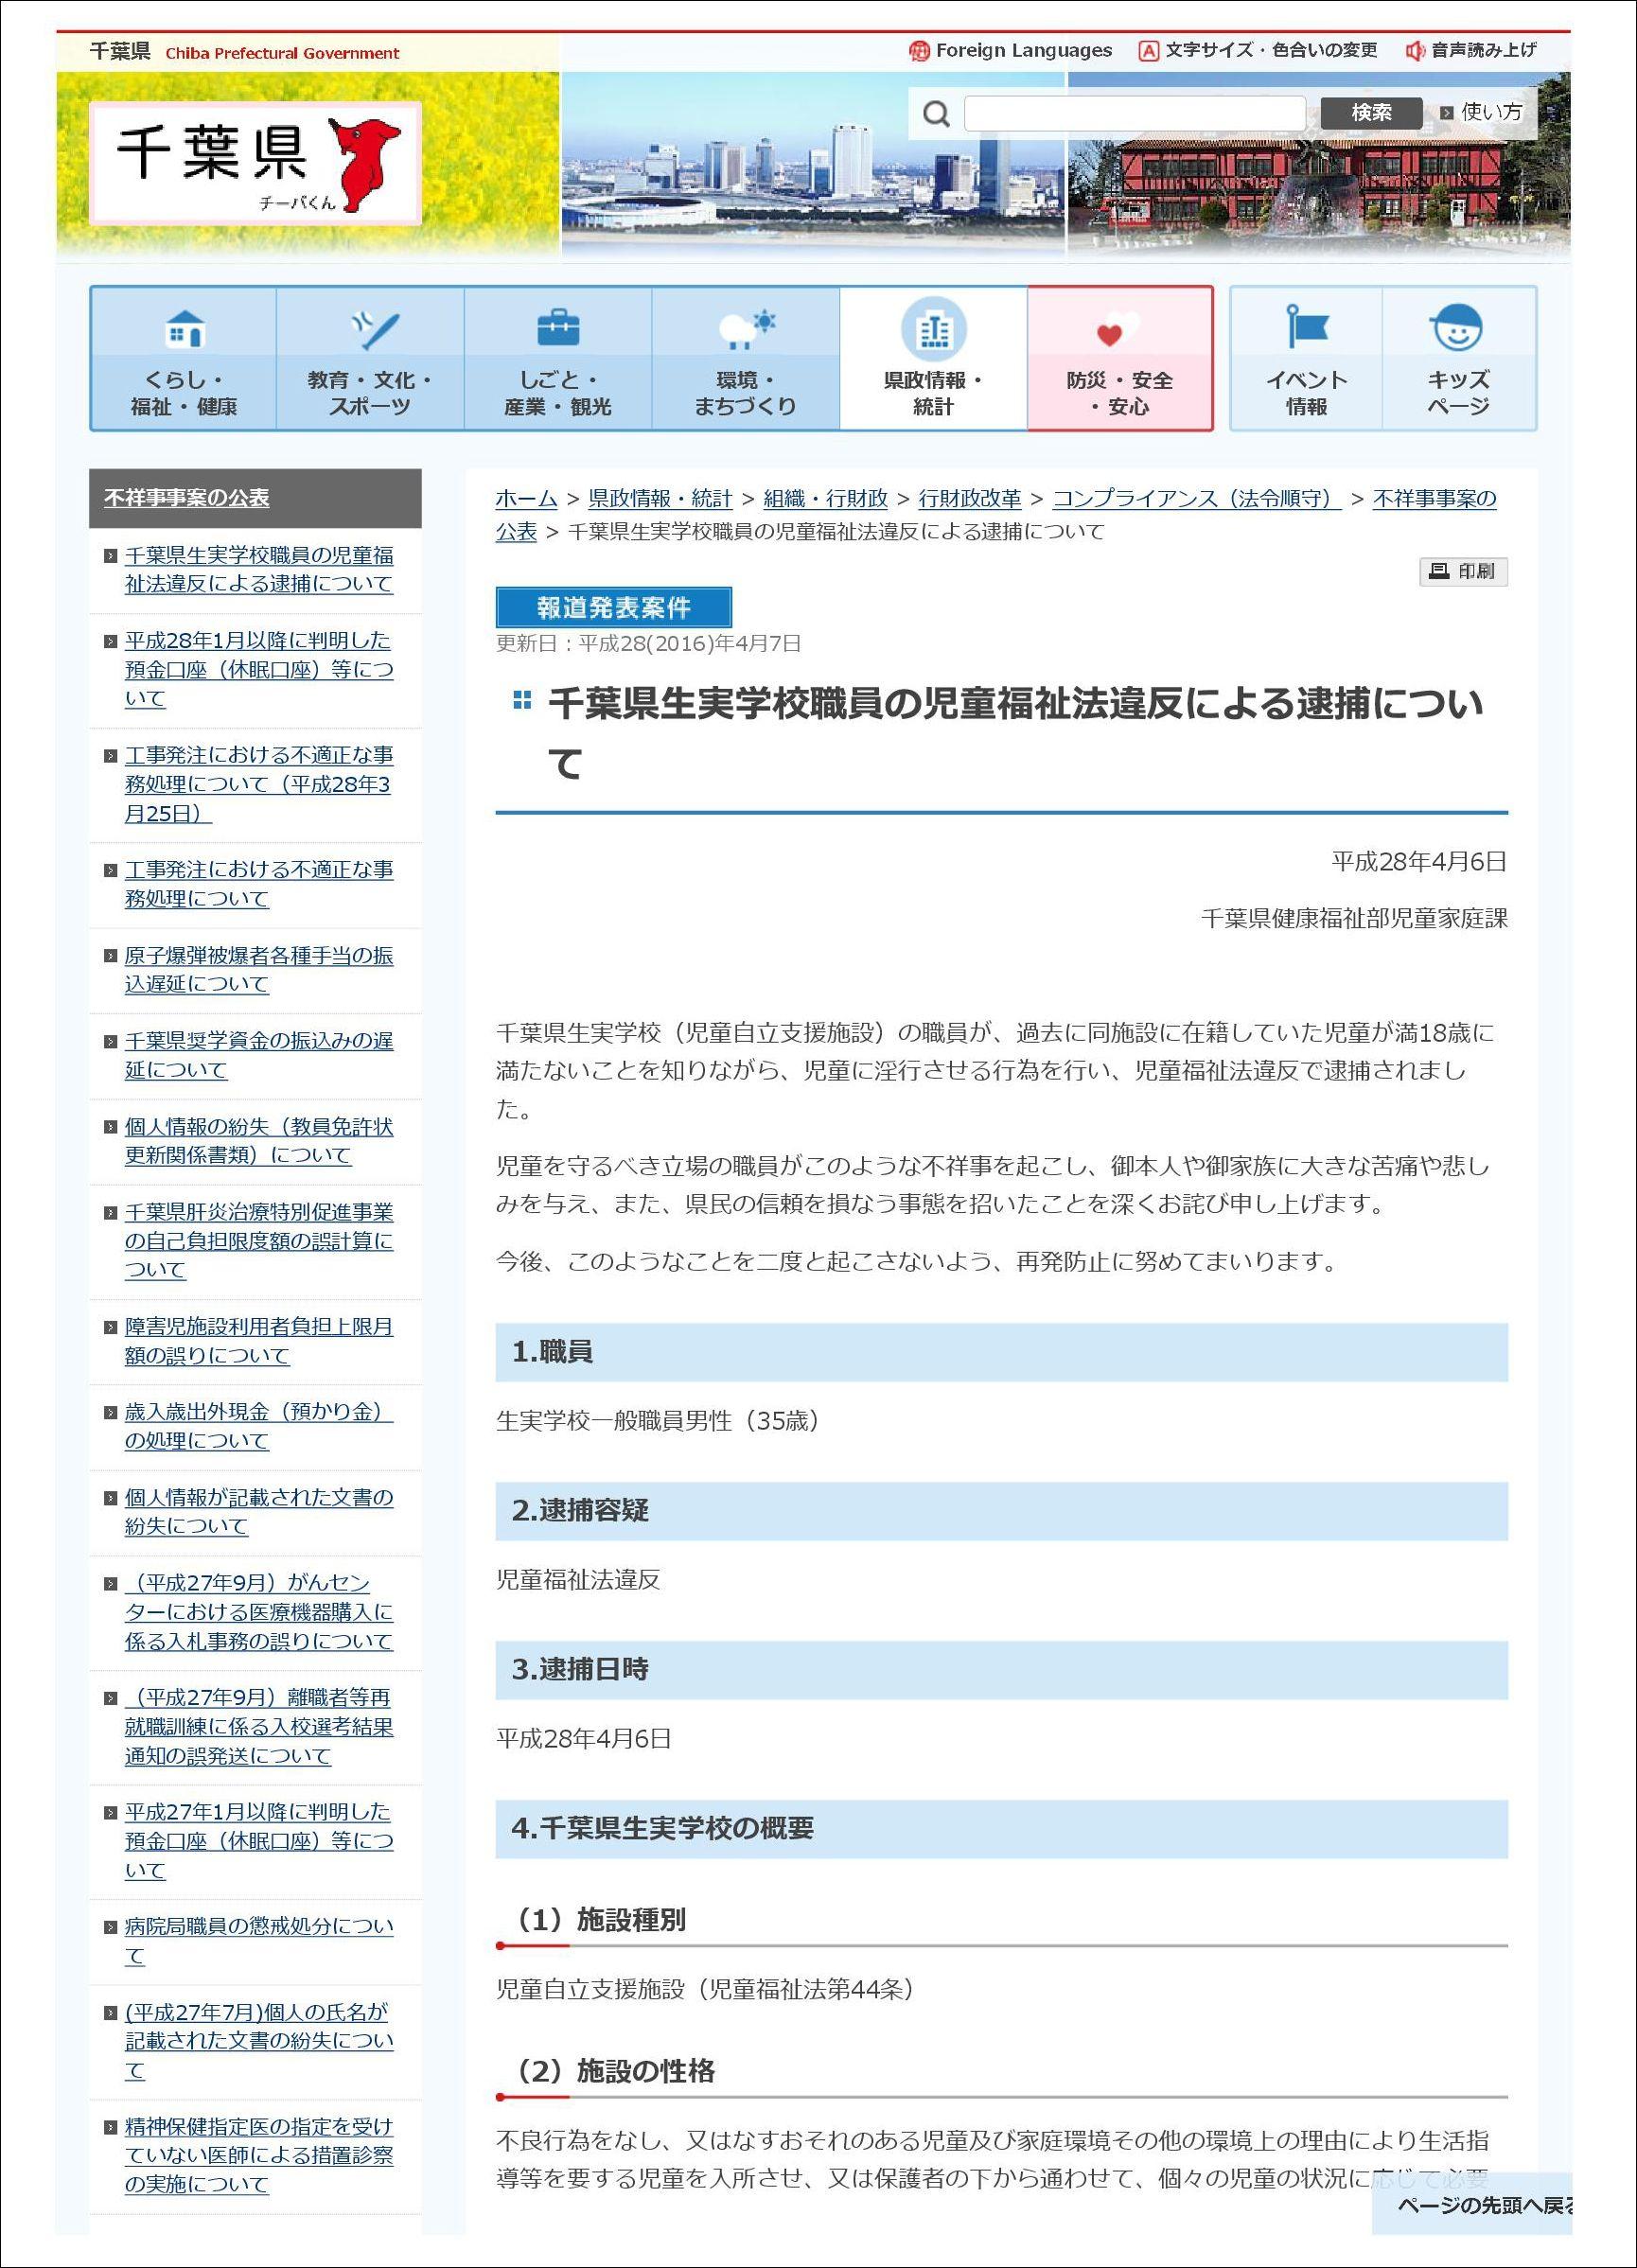 千葉県庁生実学校職員の淫行についての謝罪